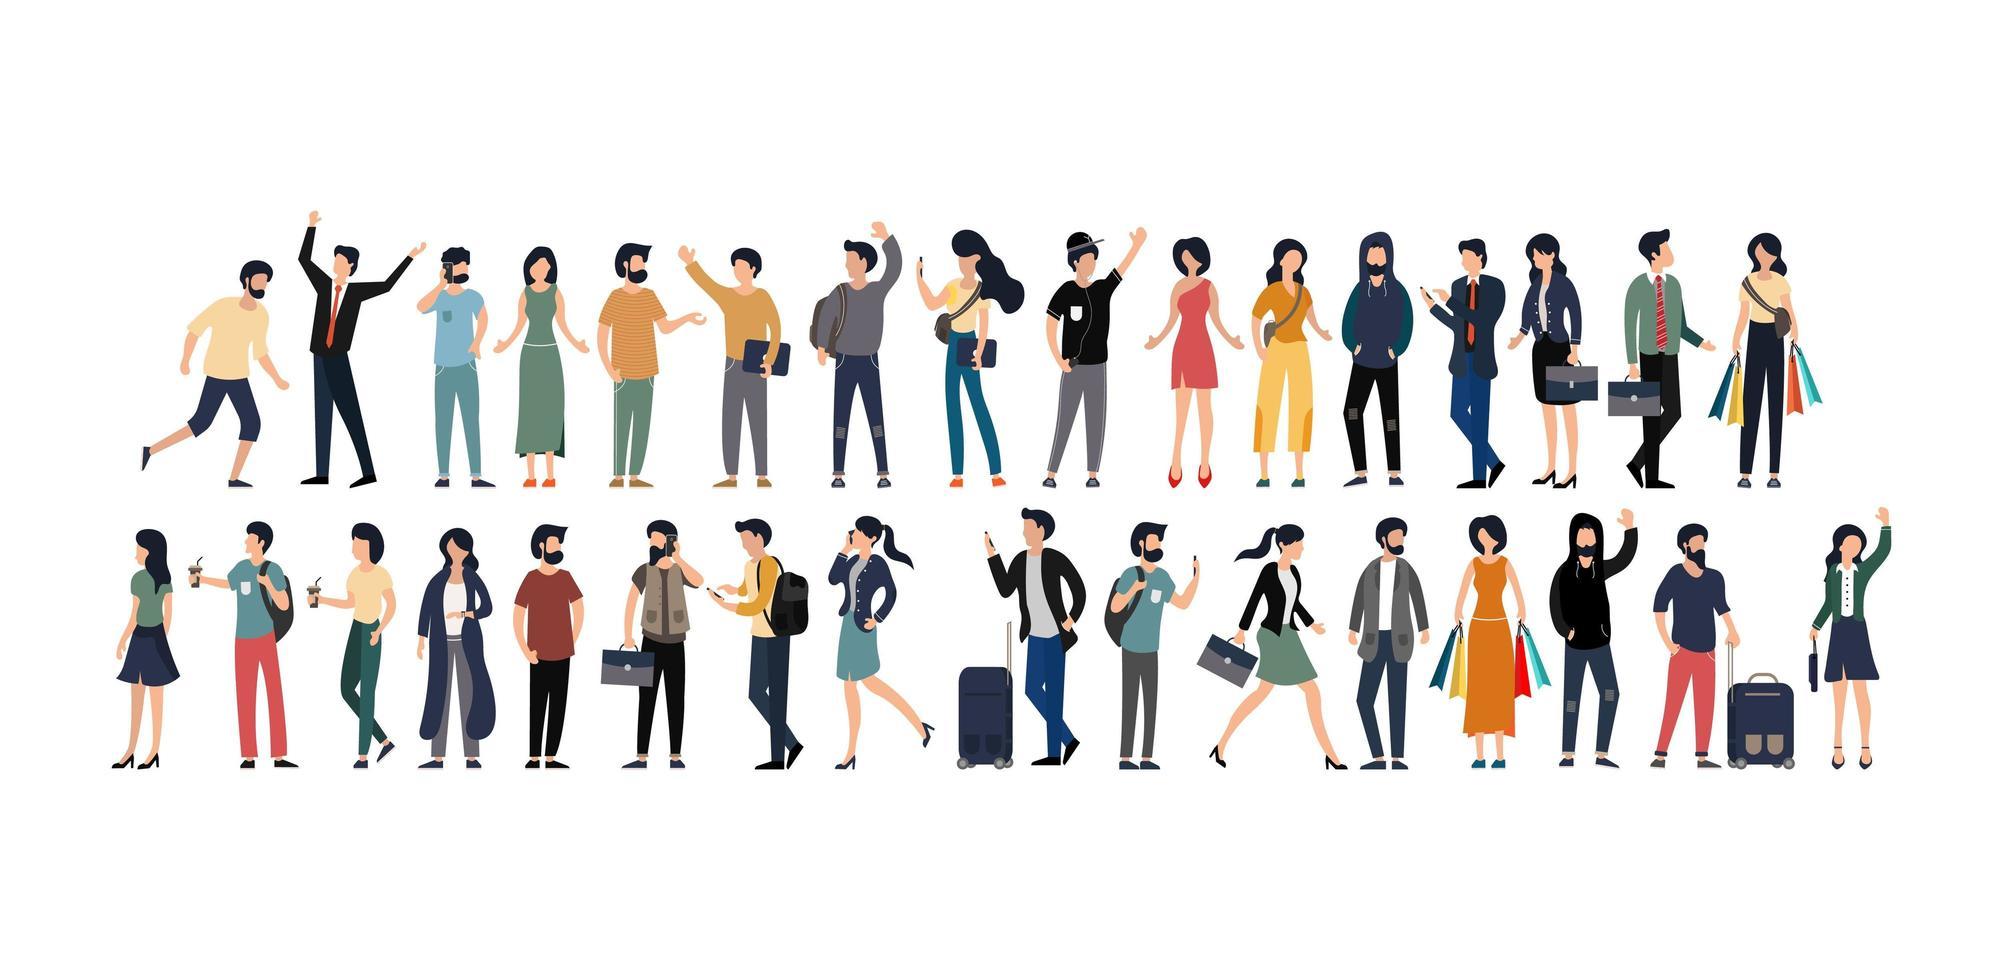 uppsättning av unga män och kvinnor i olika yrken vektor